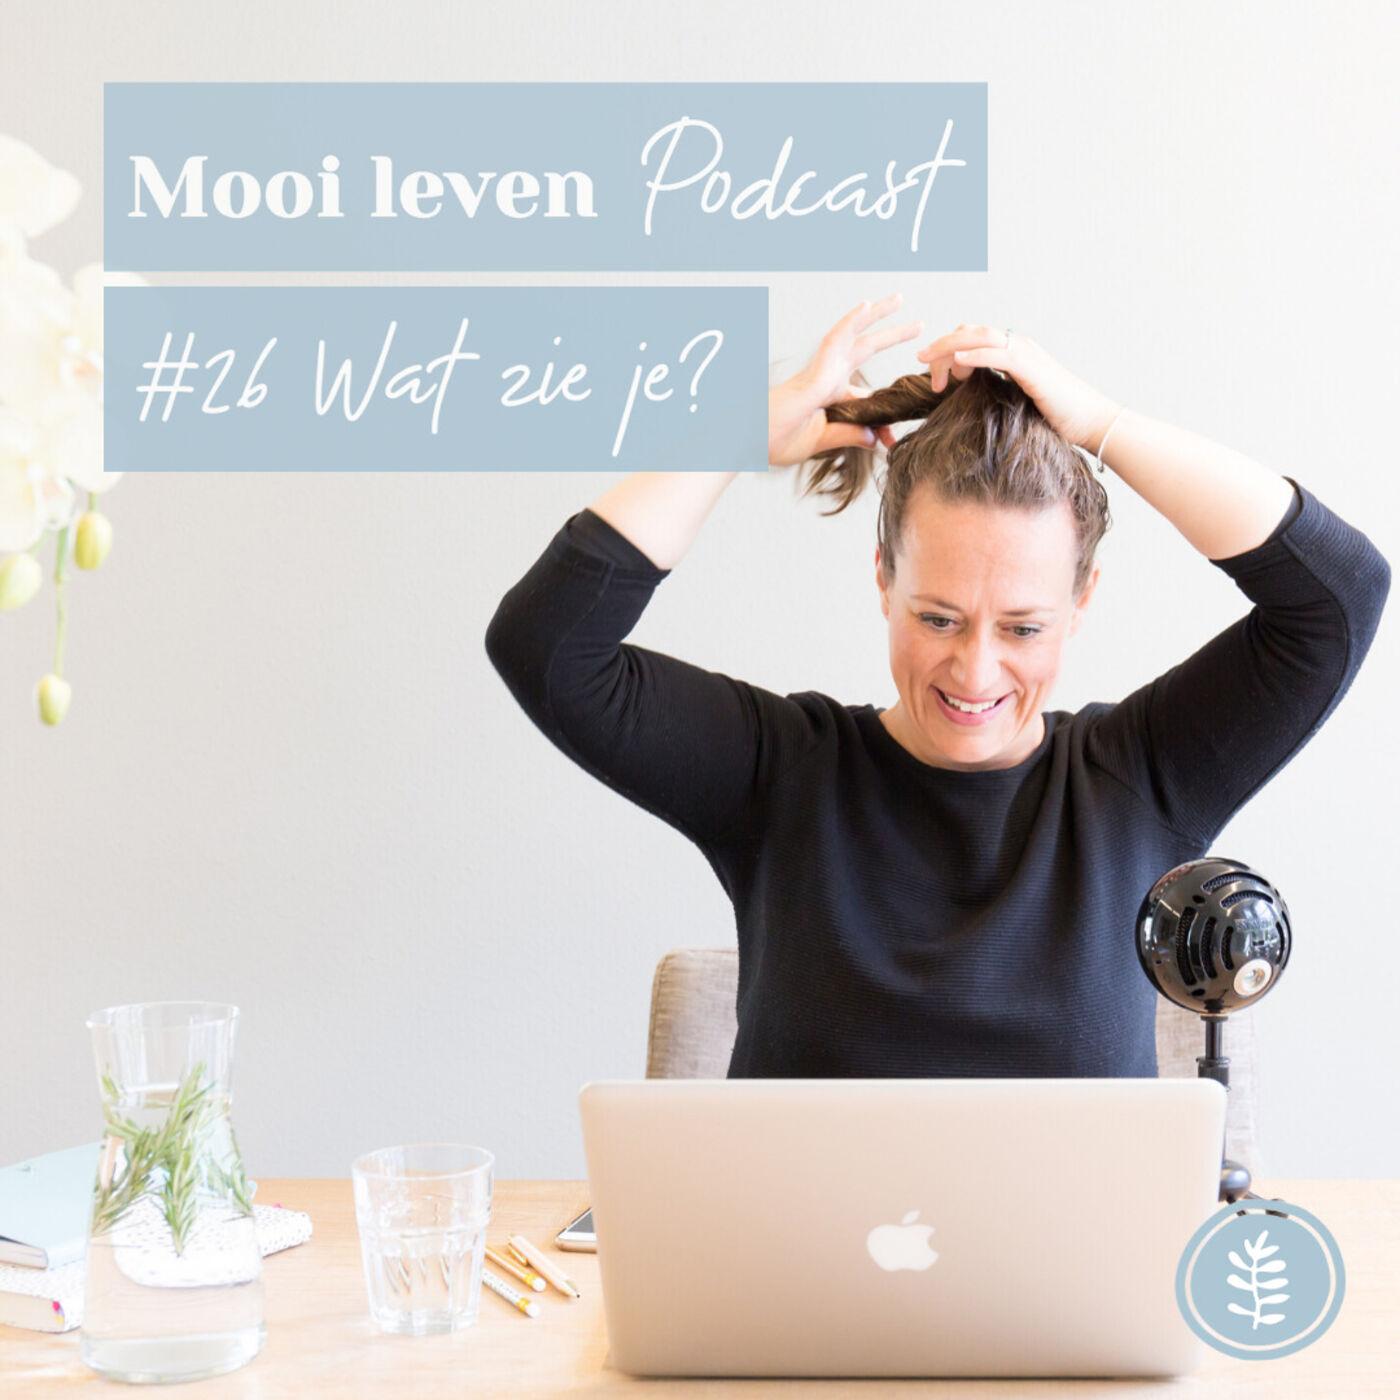 Mooi Leven Podcast #26 | Wat zie je?